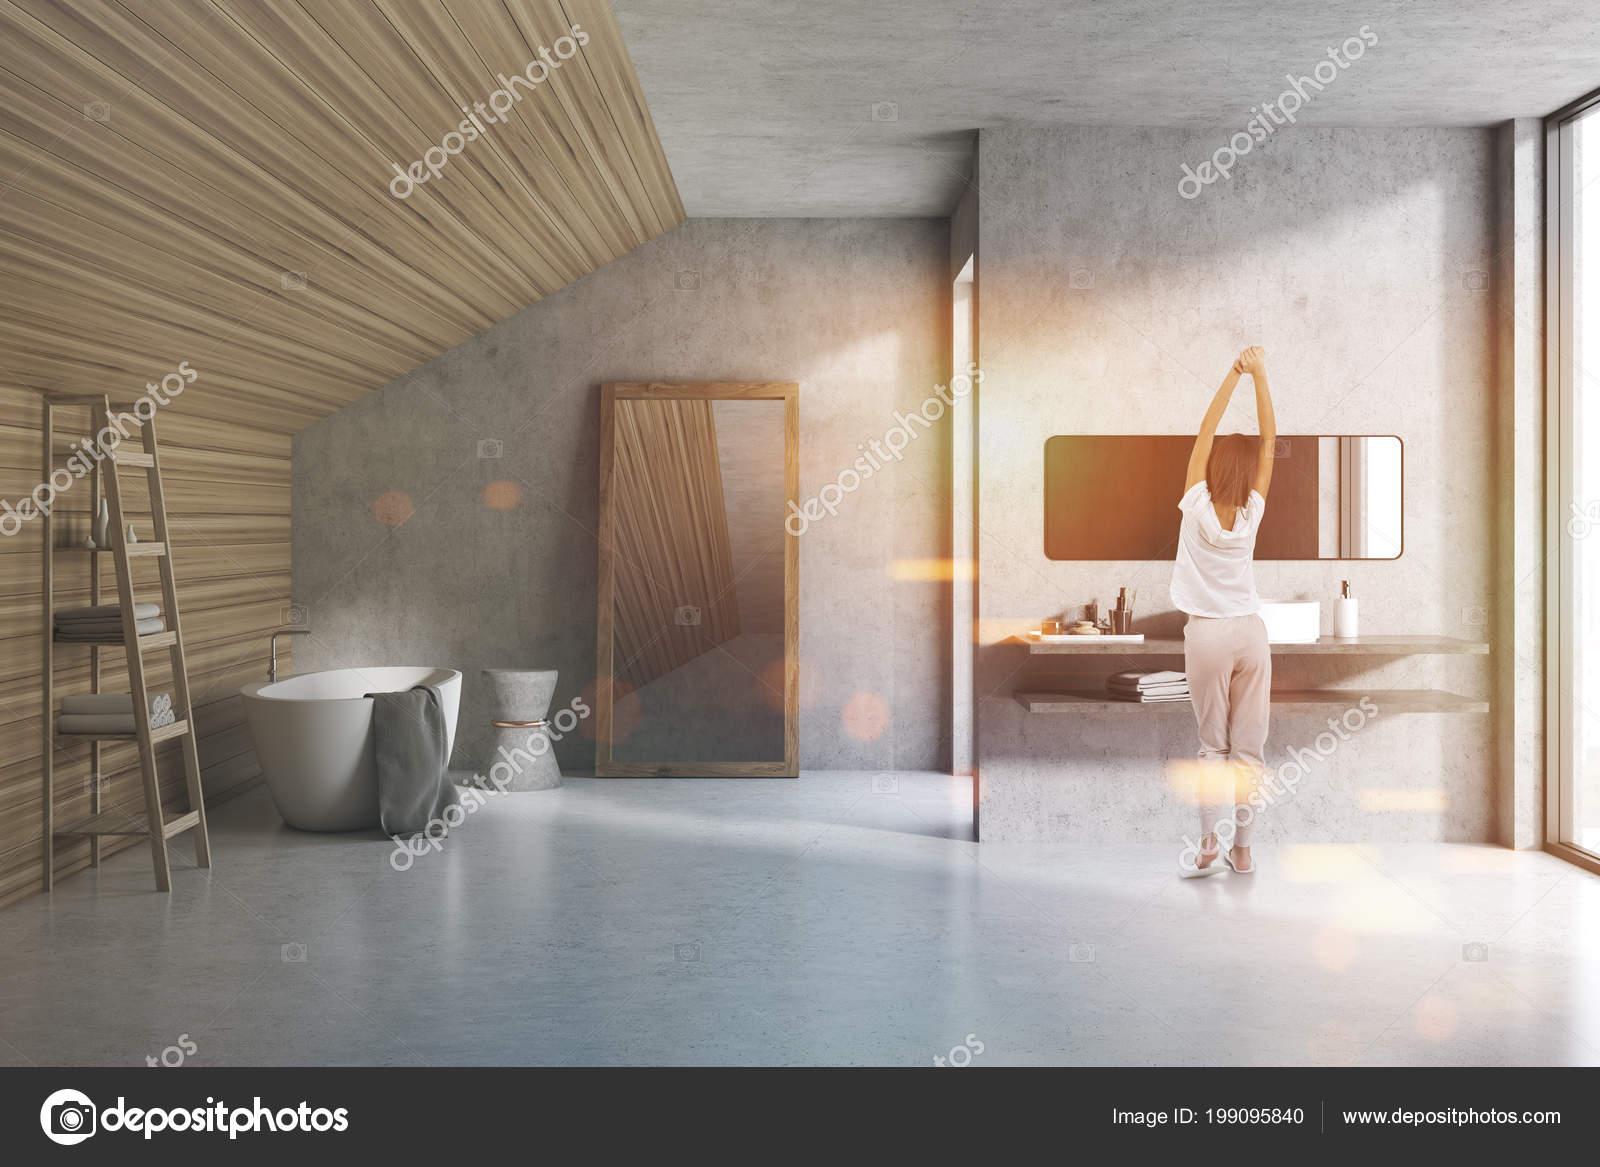 Dachgeschoss Badezimmer Interieur Mit Beton Und Holz Wände Einen ...